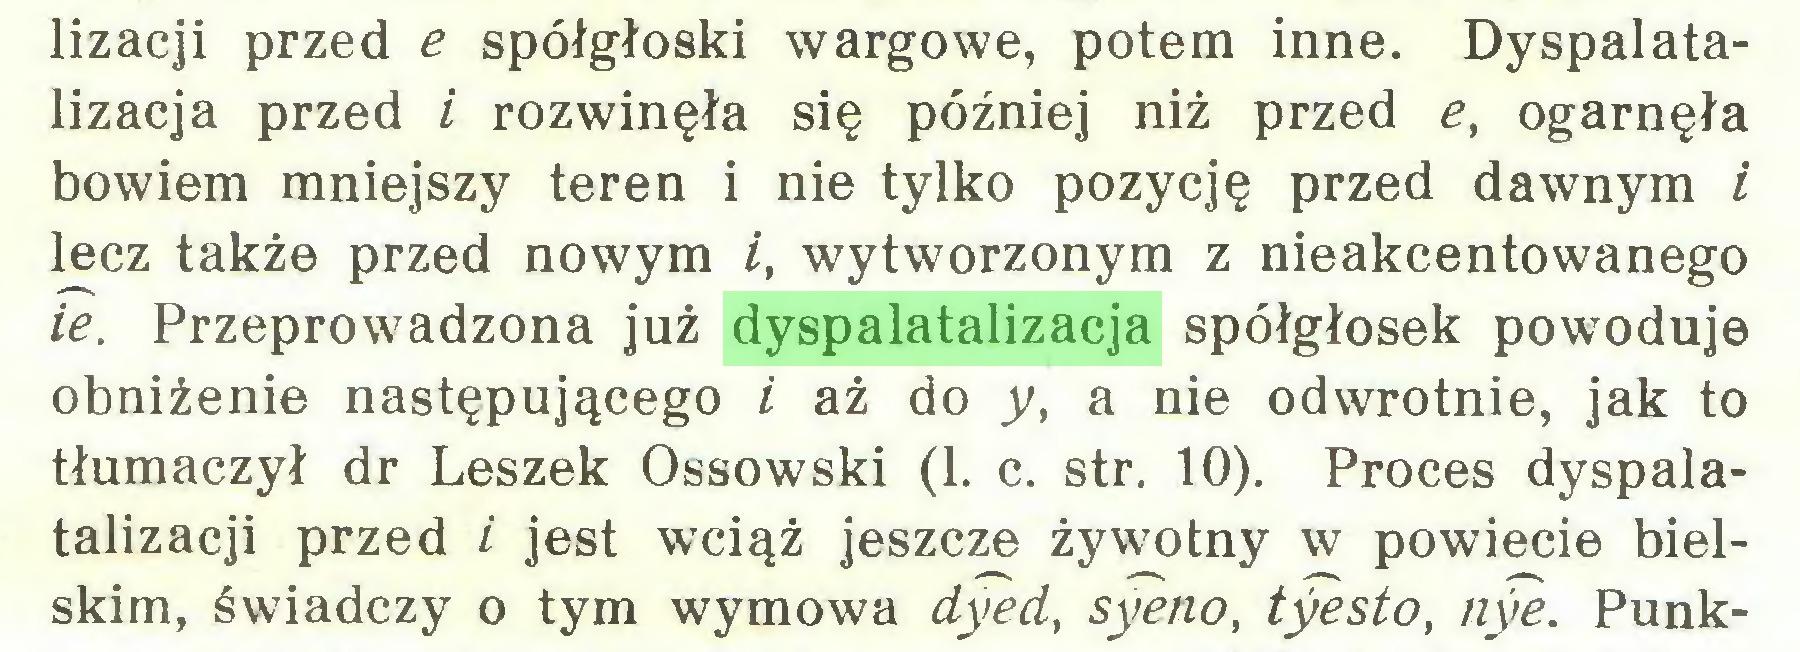 (...) lizacji przed e spółgłoski wargowe, potem inne. Dyspalatalizacja przed i rozwinęła się później niż przed et ogarnęła bowiem mniejszy teren i nie tylko pozycję przed dawnym i lecz także przed nowym /, wytworzonym z nieakcentowanego ie. Przeprowadzona już dyspalatalizacja spółgłosek powoduje obniżenie następującego i aż do y, a nie odwrotnie, jak to tłumaczył dr Leszek Ossowski (1. c. str. 10). Proces dyspalatalizacji przed i jest wciąż jeszcze żywotny w powiecie bielskim, świadczy o tym wymowa dyed, syeno, tyesto, nye. Punk...